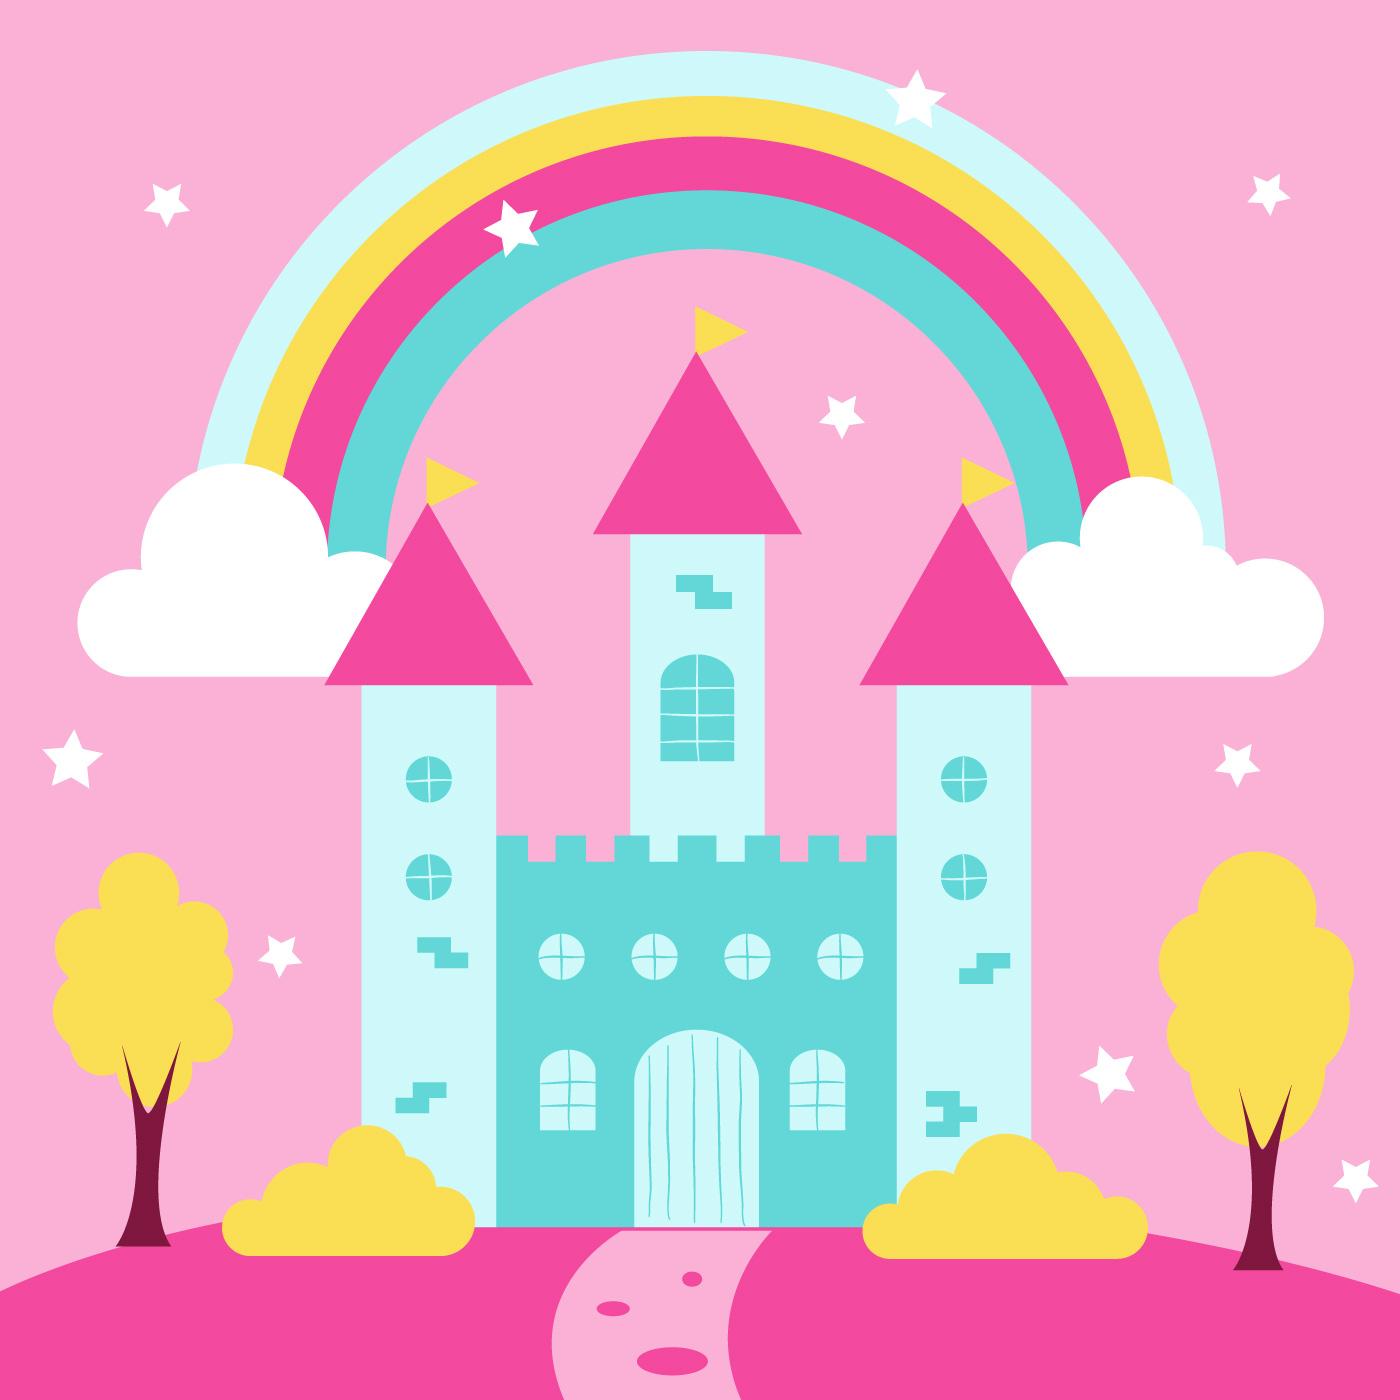 卡通城堡 免費下載 | 天天瘋後製